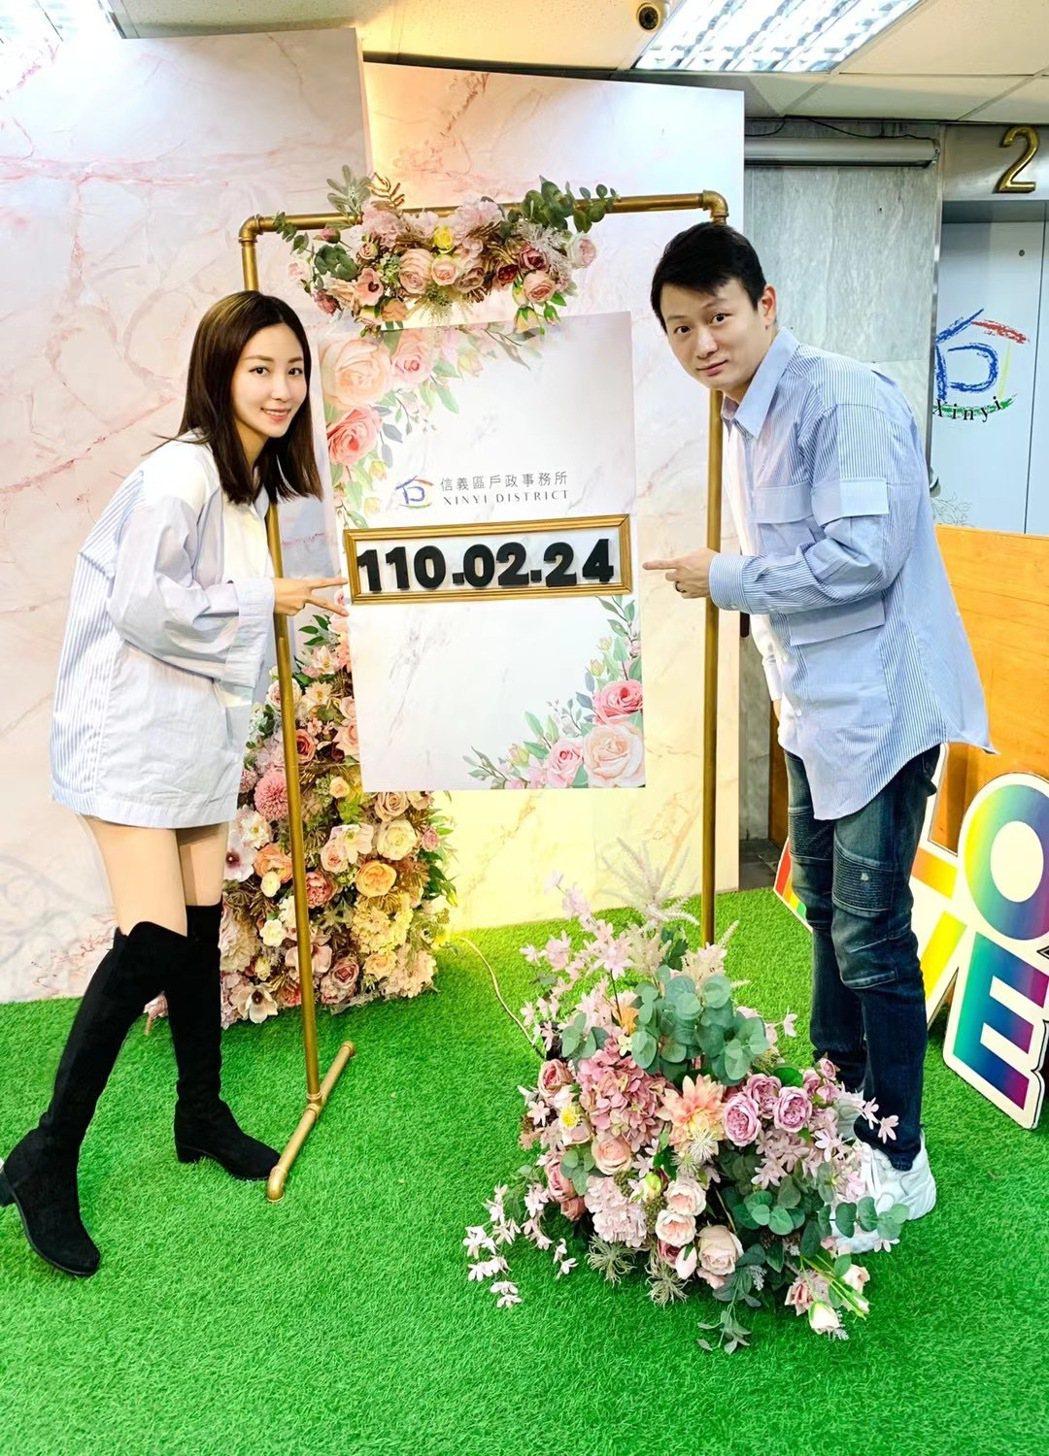 安唯綾與導演于中中在2月24日登記結婚。圖/經紀人提供